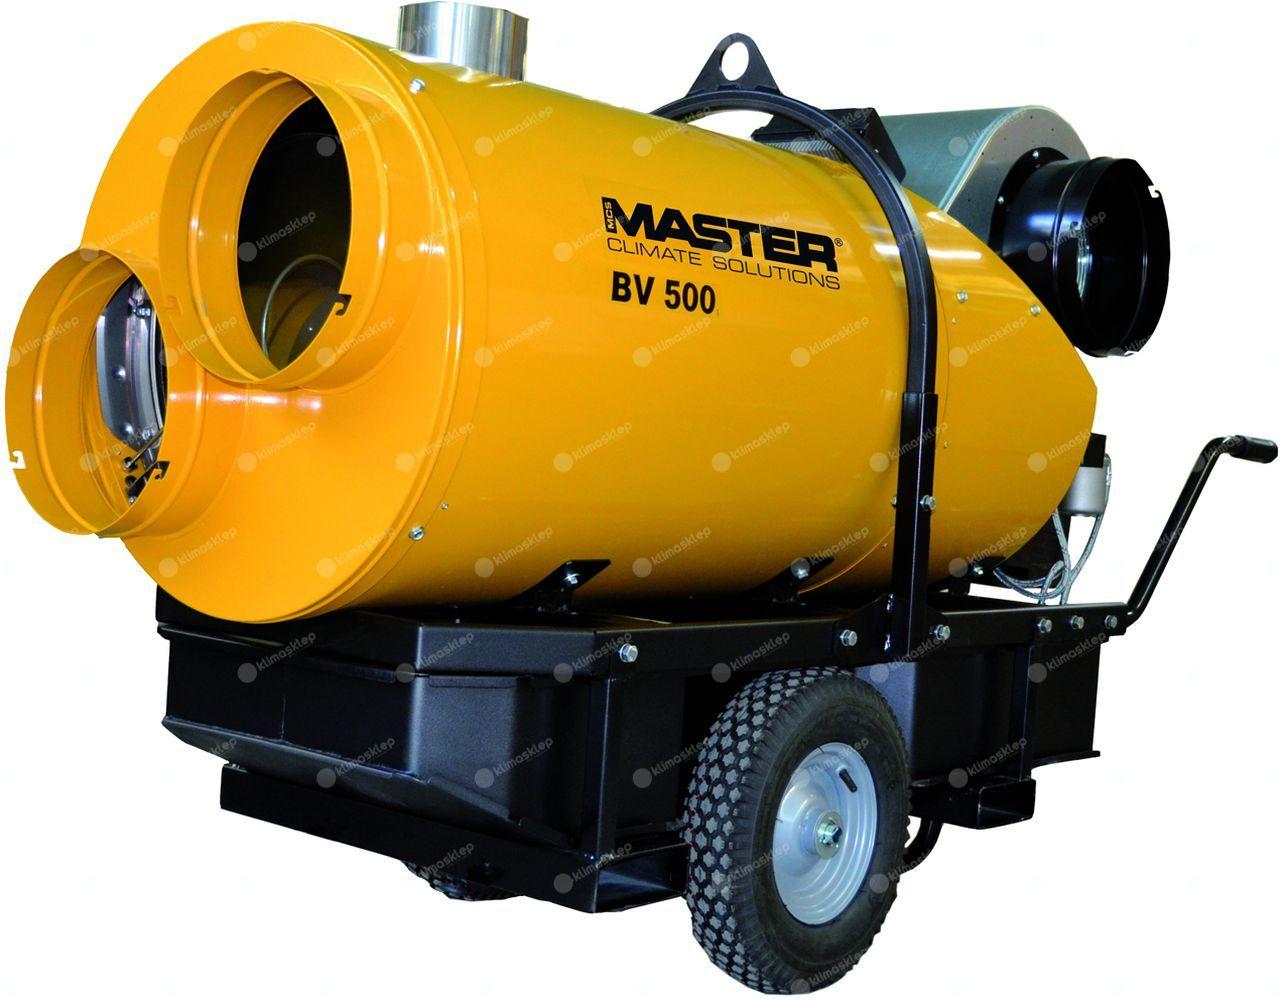 Nagrzewnica olejowa Master BV 500-13CR - dmuchawa olejowa, z odprowadzeniem spalin